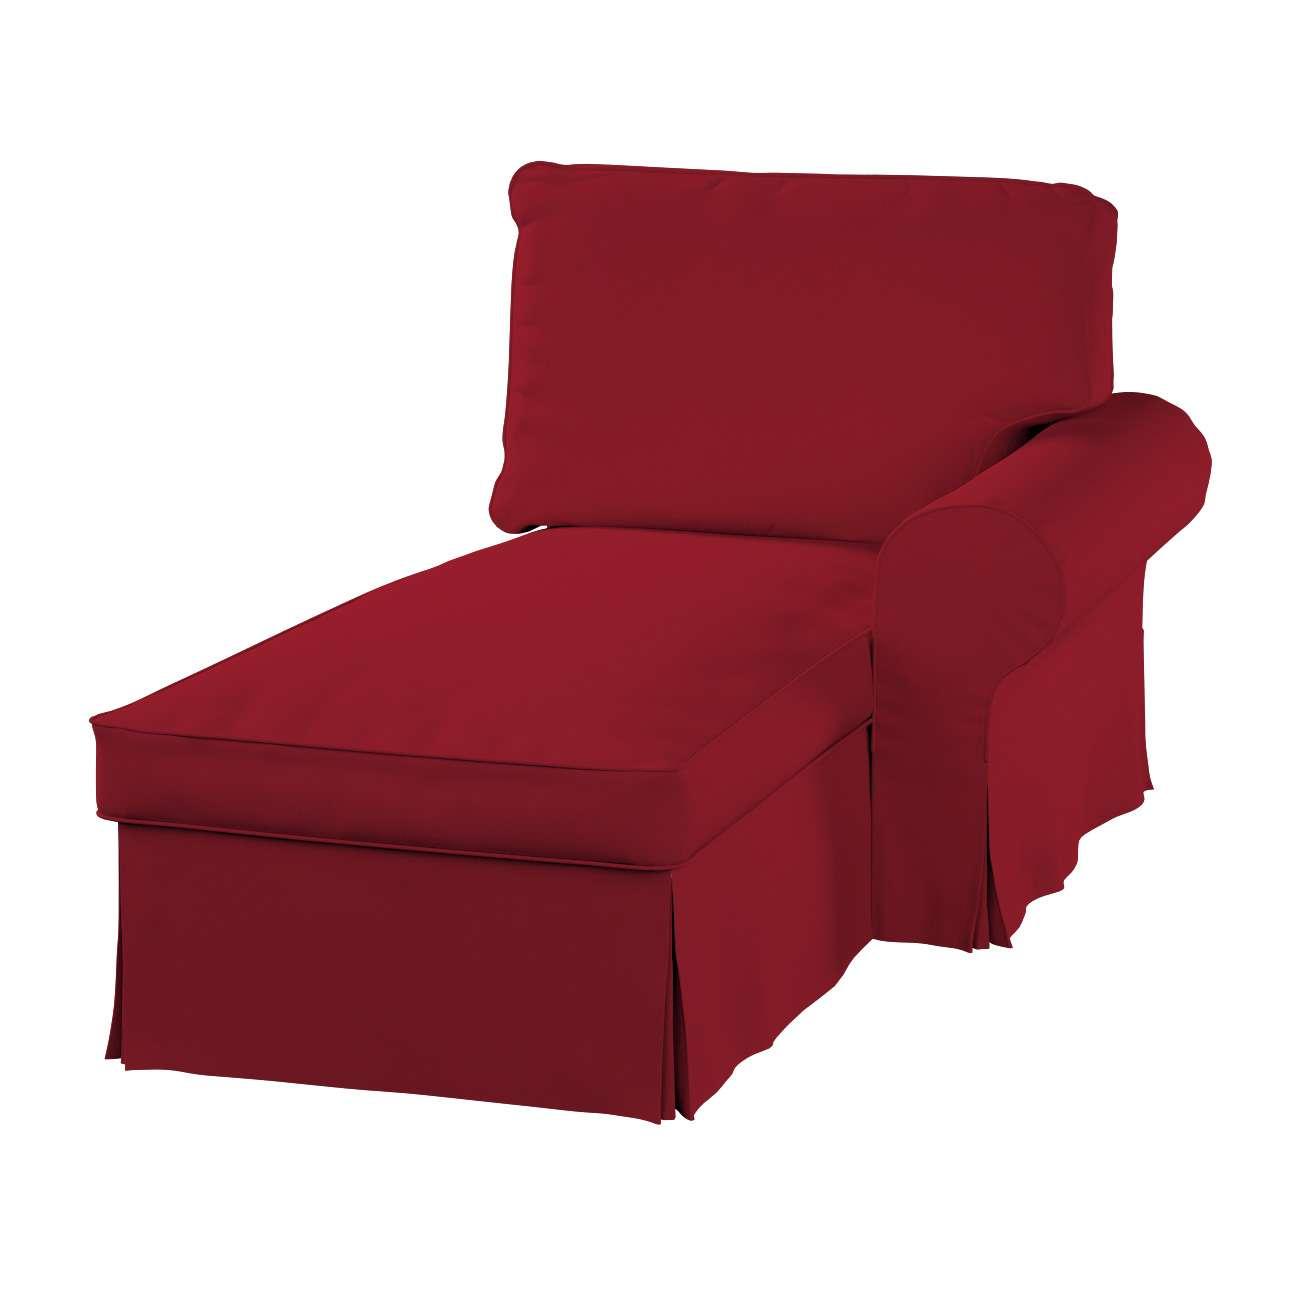 Ektorp gulimajo krėslo užvalkalas  (su porankiu, dešiniojo) Ektorp gulimojo krėslo užvalkalas su porankiu (dešiniojo) kolekcijoje Chenille, audinys: 702-24